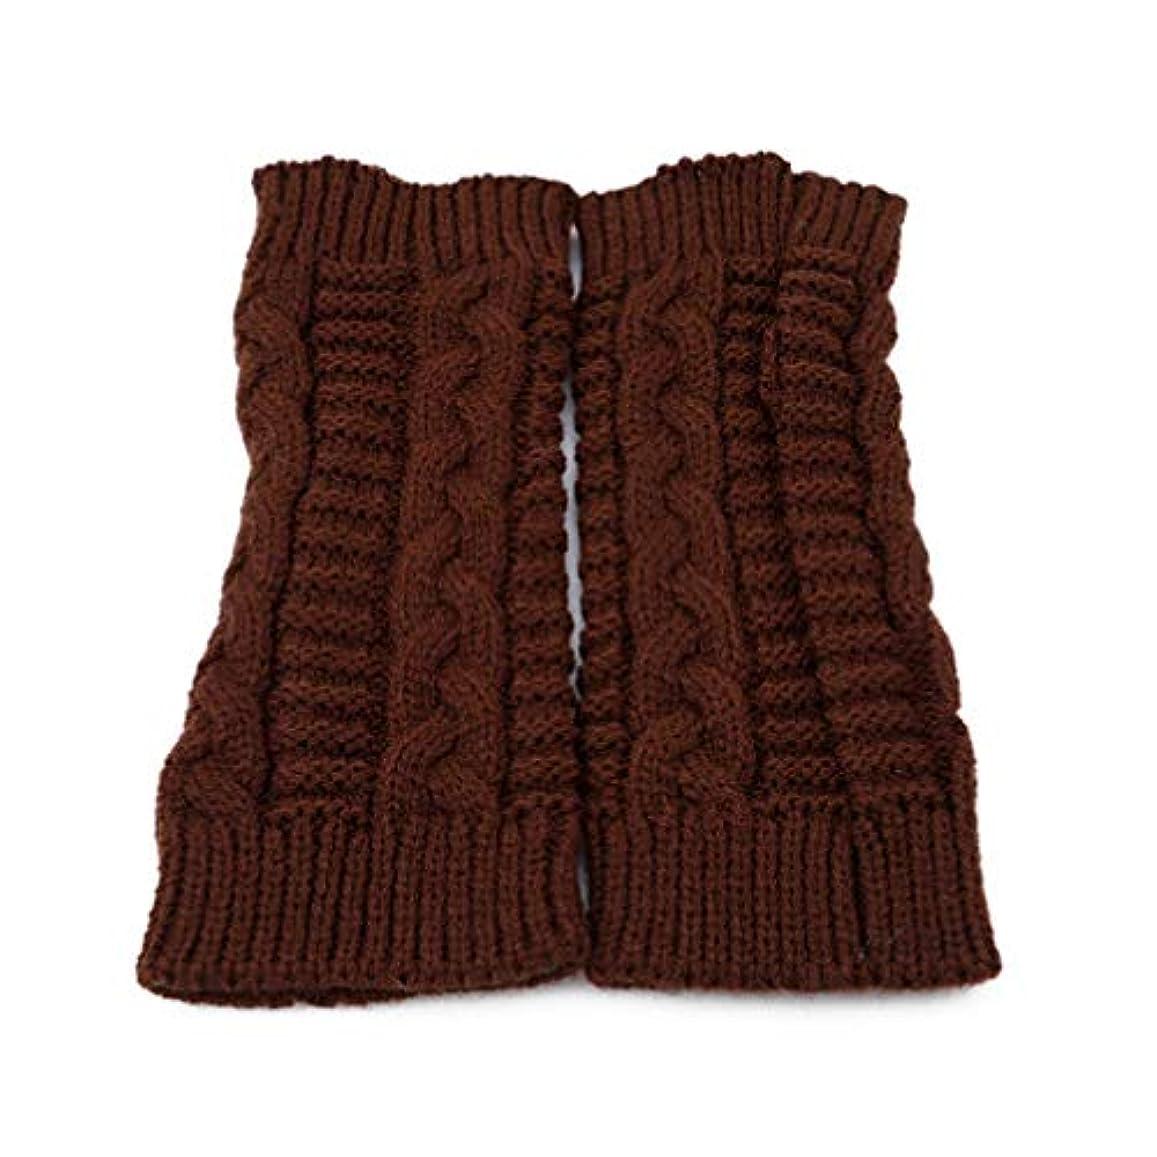 個人ペイントいっぱいToporchid 1ペアツイストスレッドソフトニット女性暖かい指なし手袋冬男性ユニセックス固体ミトン(茶色)